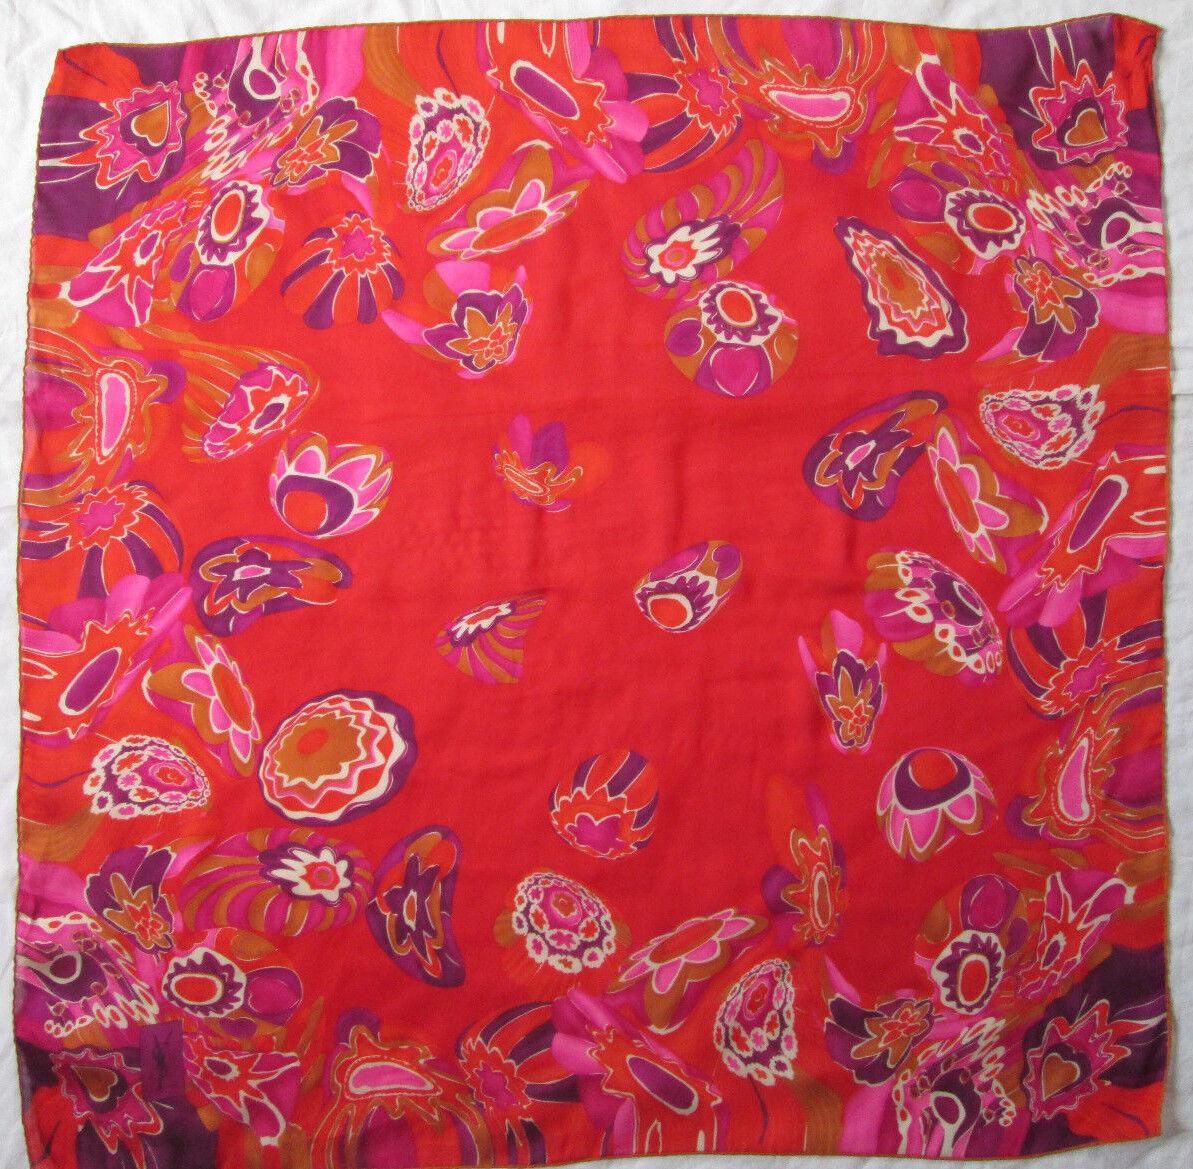 - foulard en mousseline YVES SAINT LAURENT soie TBEG vintage scarf 88 x 88 cm